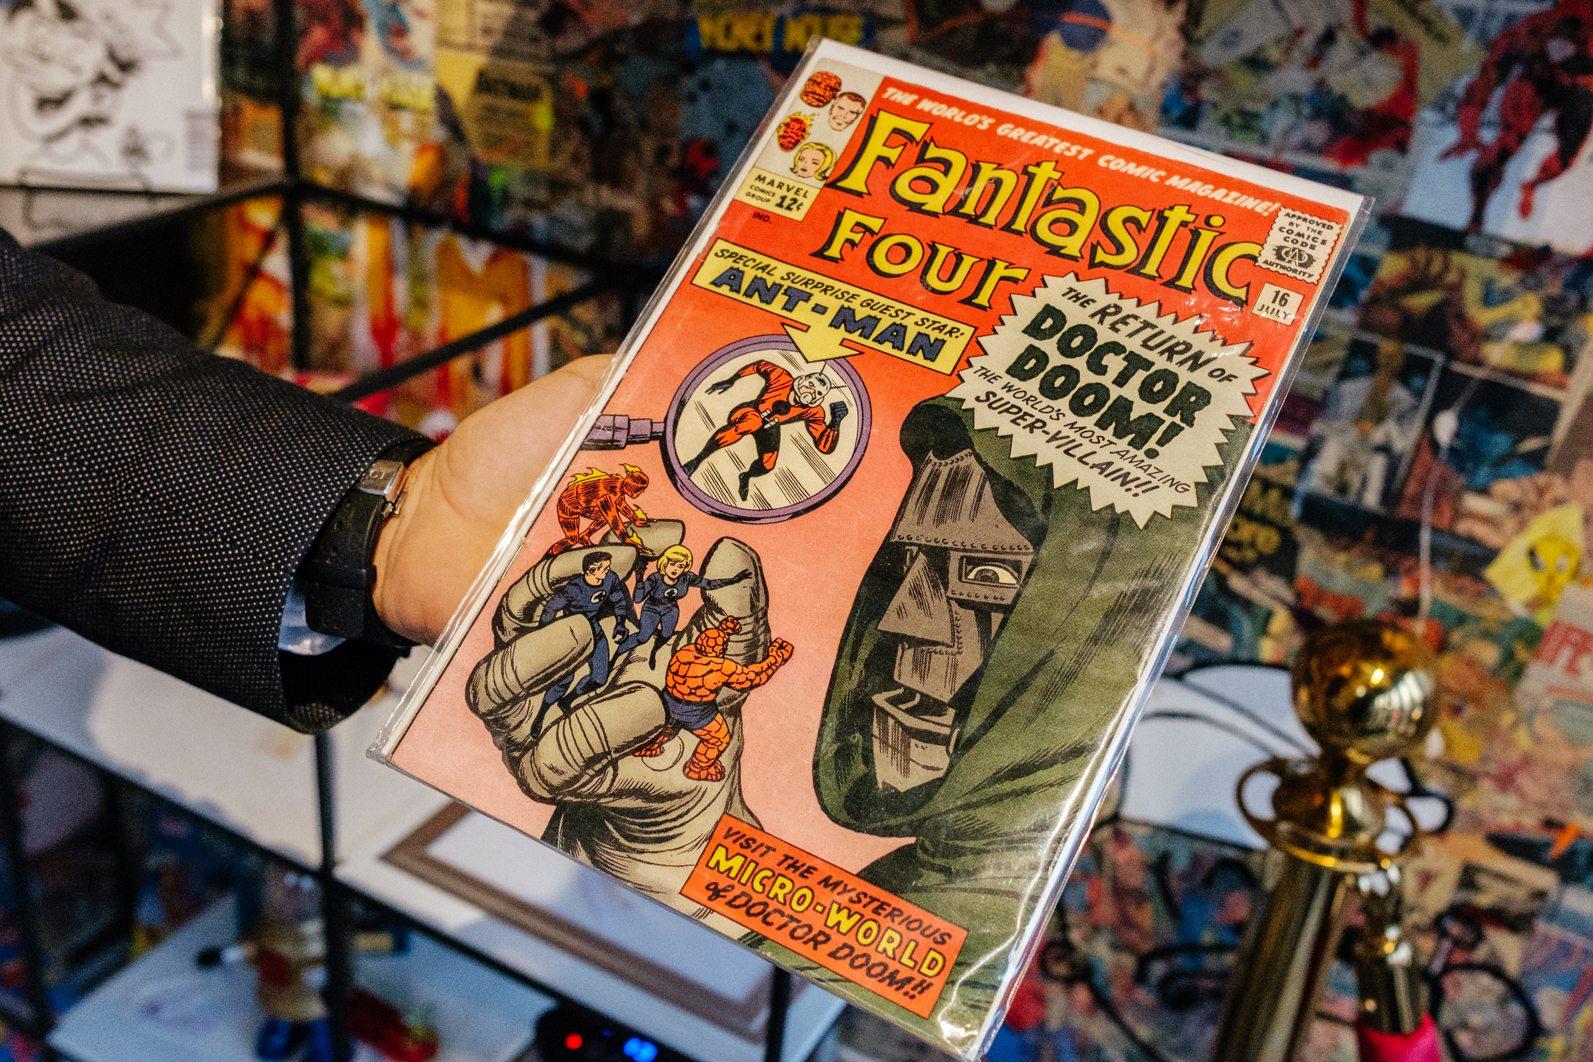 toronto-restaurants-figures-comic-book-super-heroes-yorkville-comic